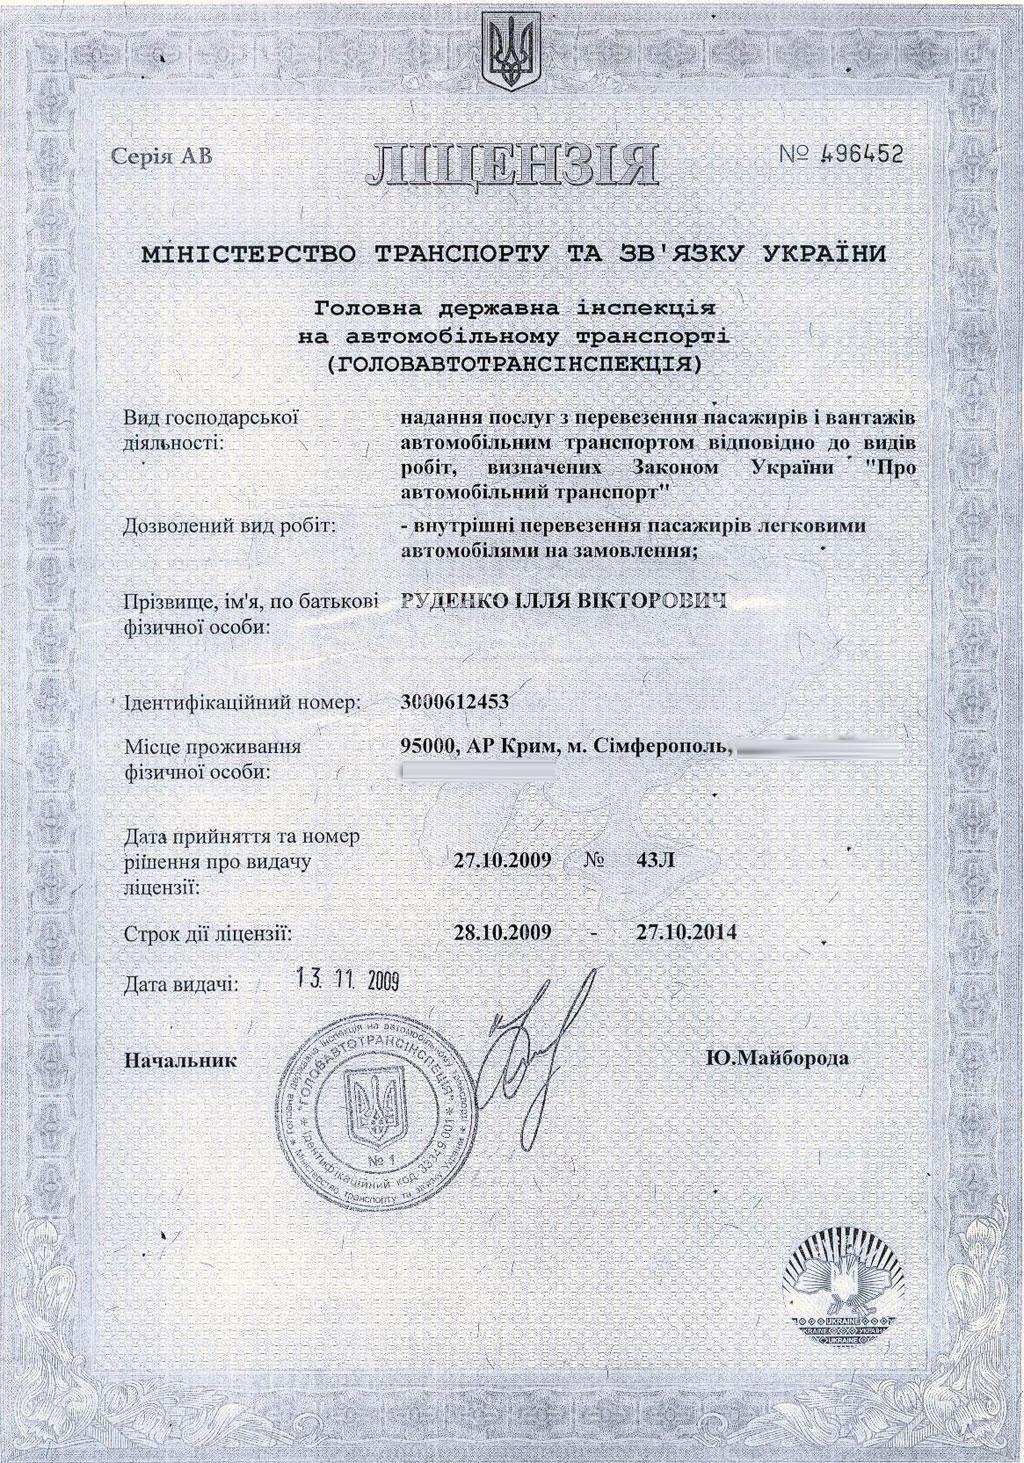 проверка авто севастополь #11